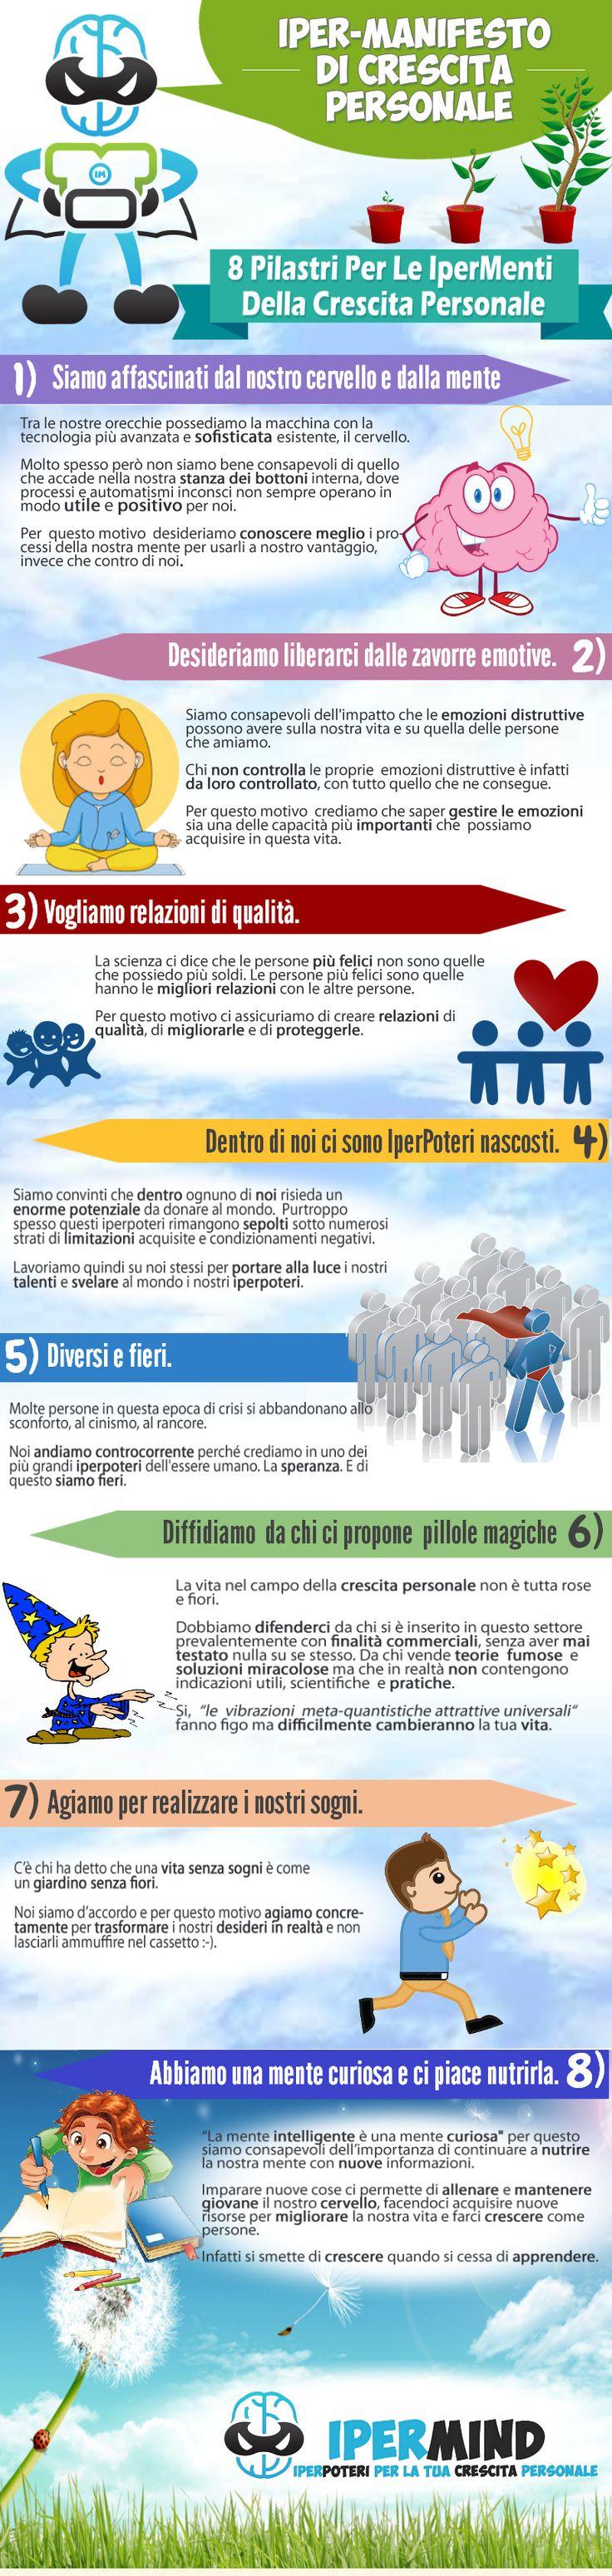 L'Iper-Manifesto che sintetizza la Crescita Personale secondo IperMind e che evidenzia e diffonde la filosofia del cambiamento.